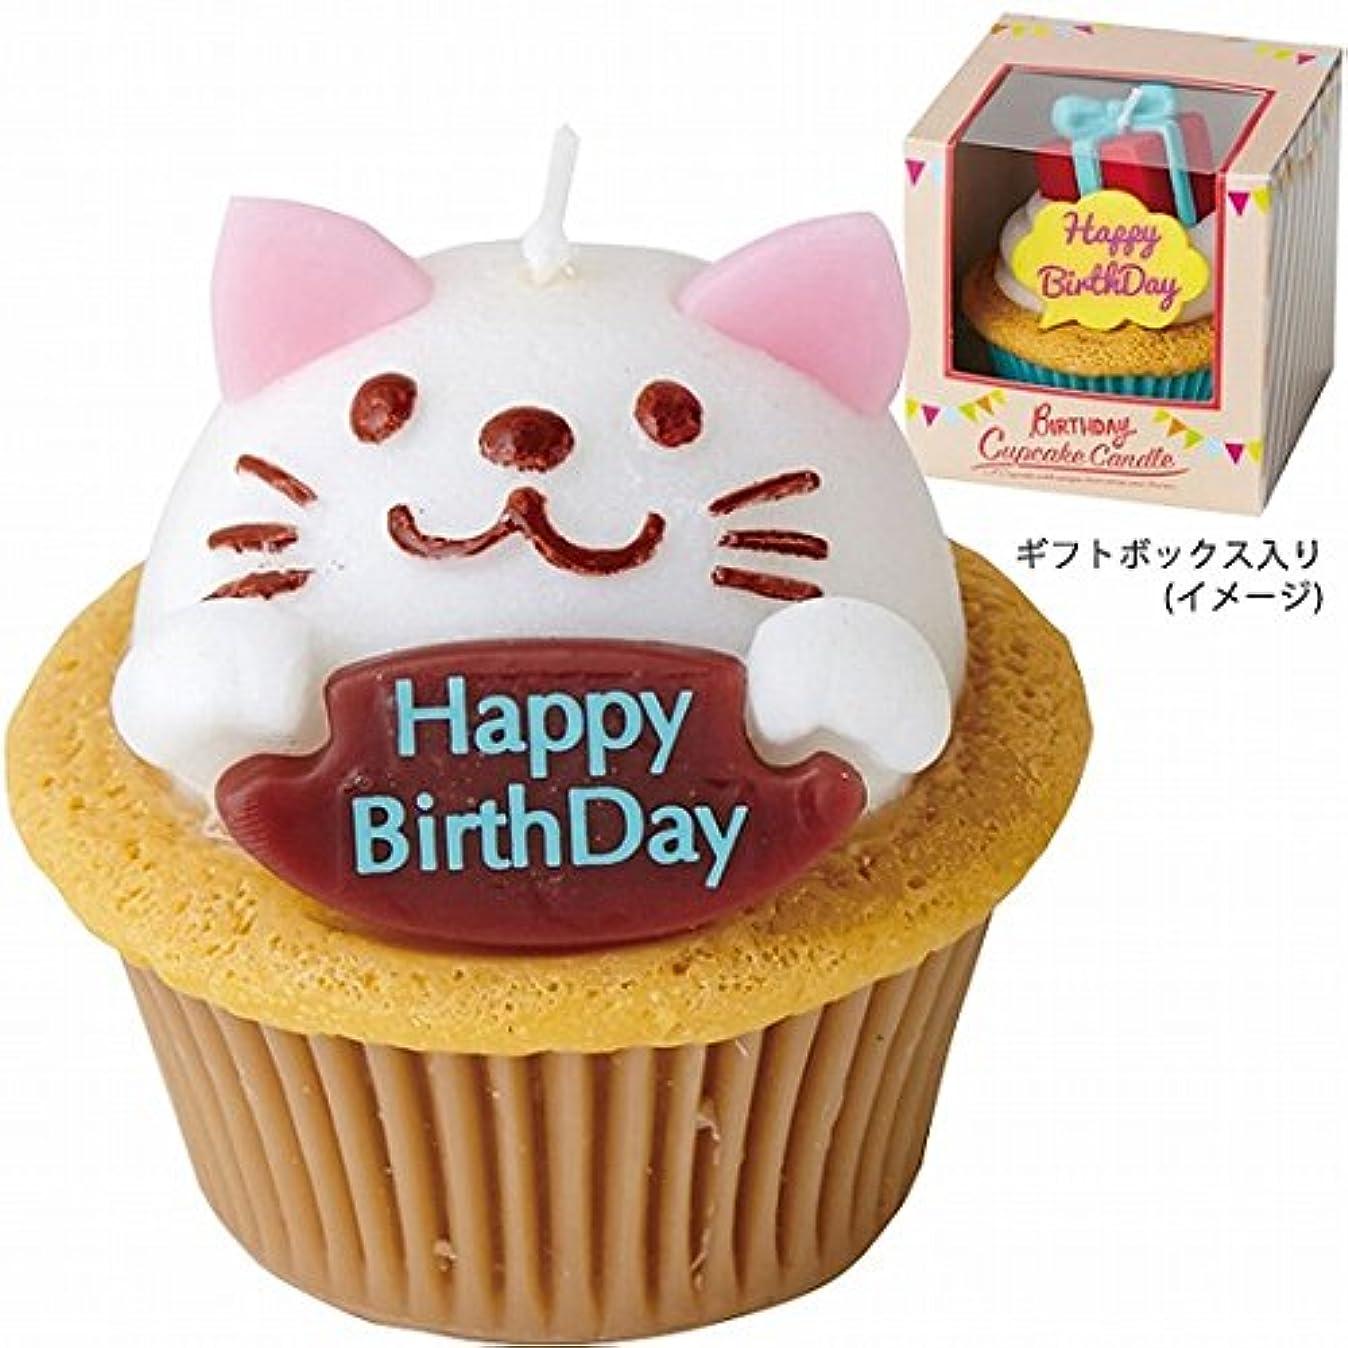 電子レンジパウダー傘カメヤマキャンドル( kameyama candle ) バースデーカップケーキキャンドル 「キャット」